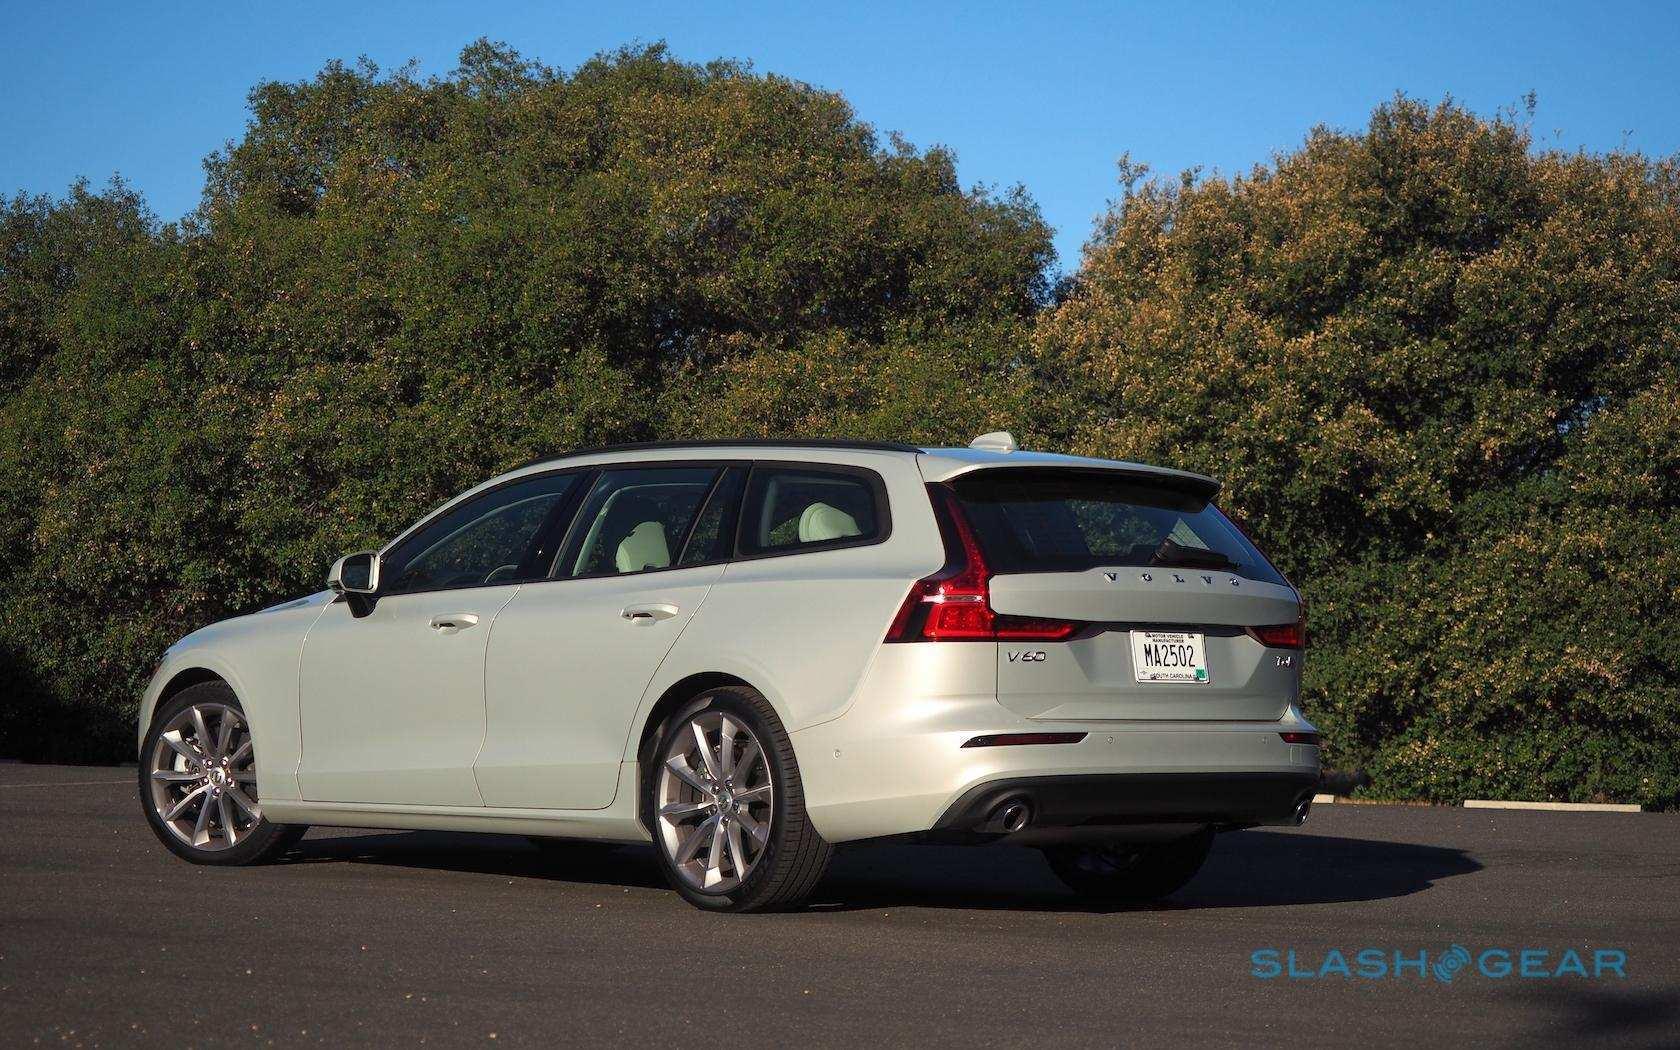 93 Gallery of 2019 Volvo V60 Price Price and Review for 2019 Volvo V60 Price